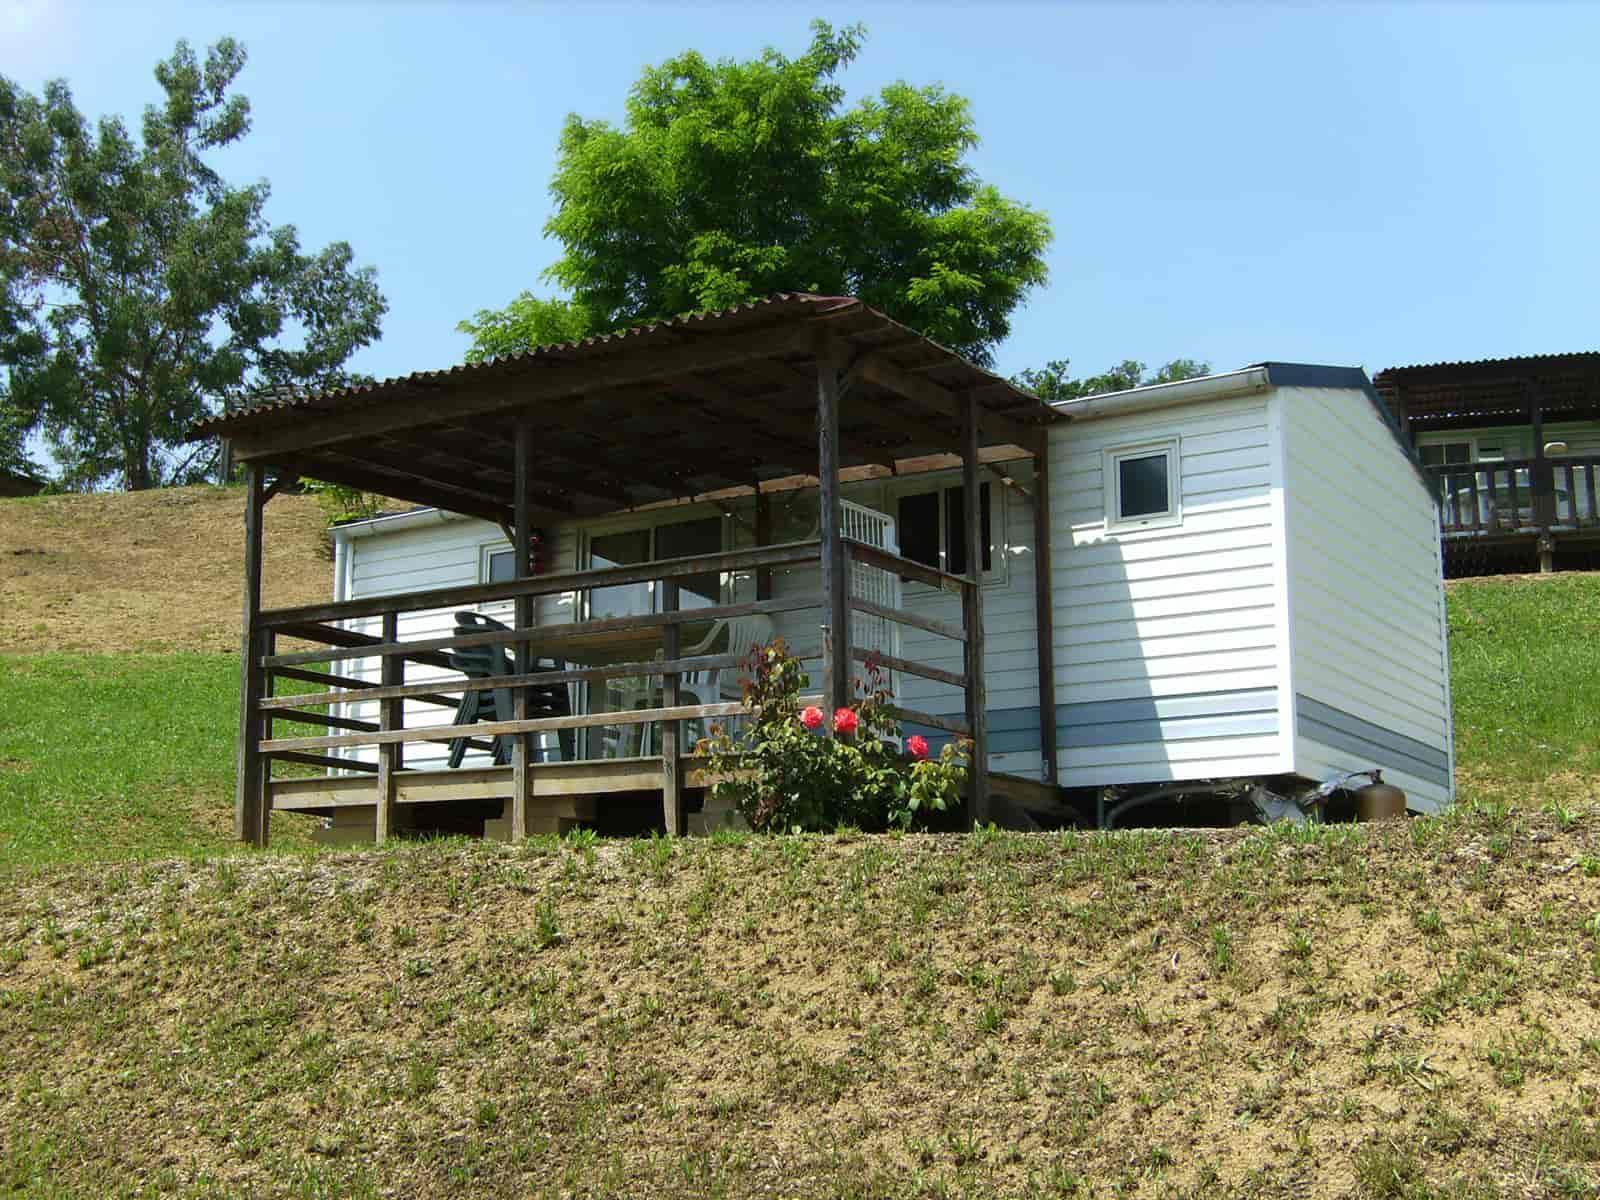 camping pas cher r duction bon plans vacances ari ge pyr n es. Black Bedroom Furniture Sets. Home Design Ideas